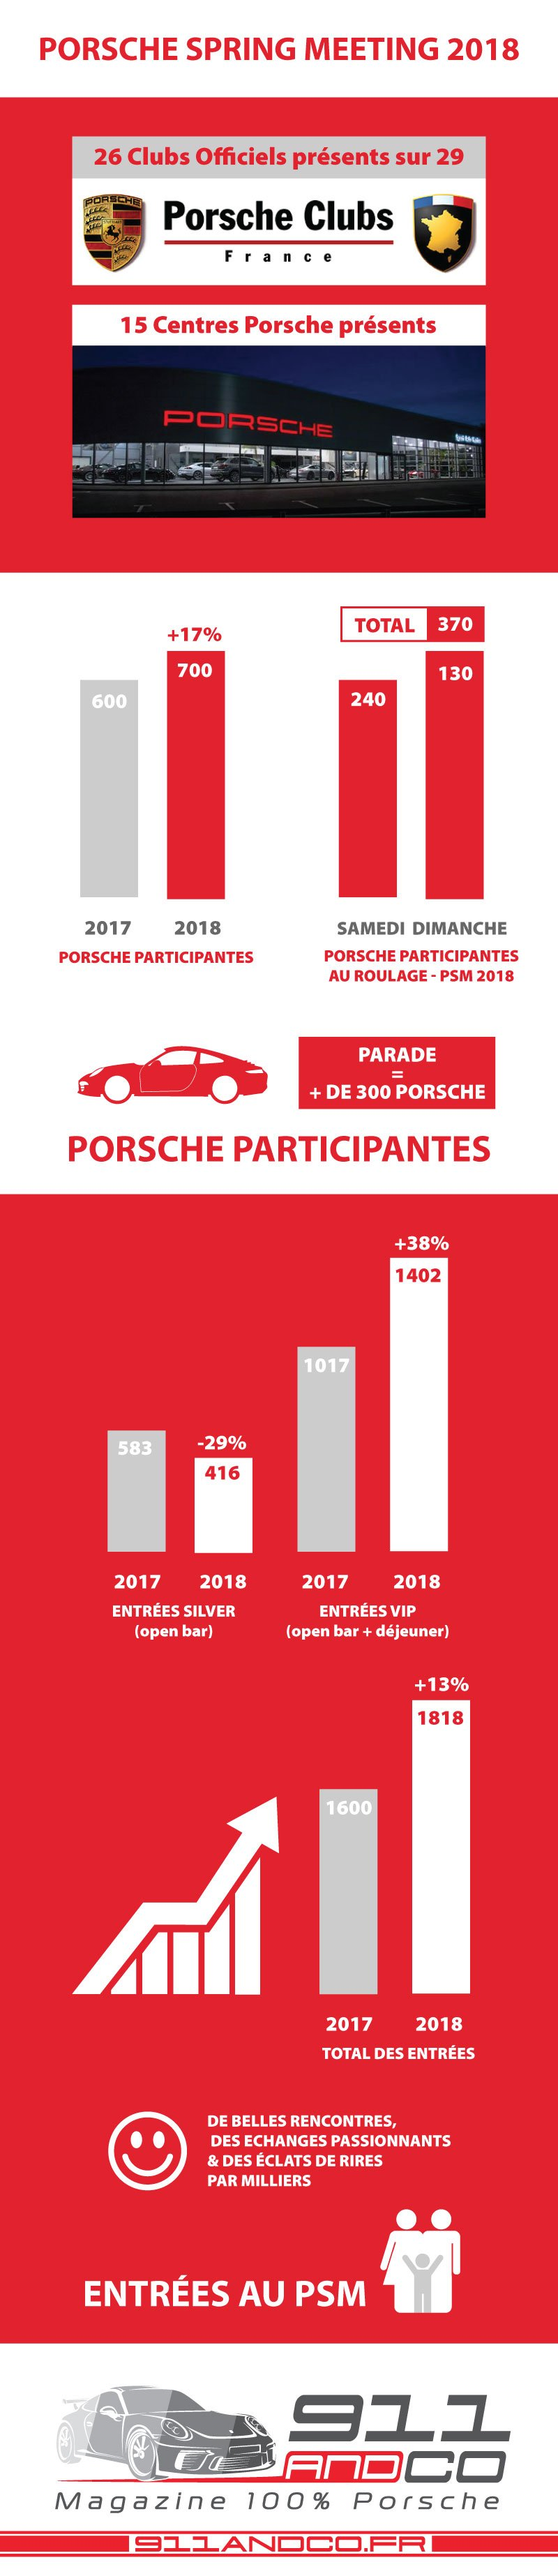 Taxe Vehicules De Luxe Impact Sur Les Differents Modeles De Porsche